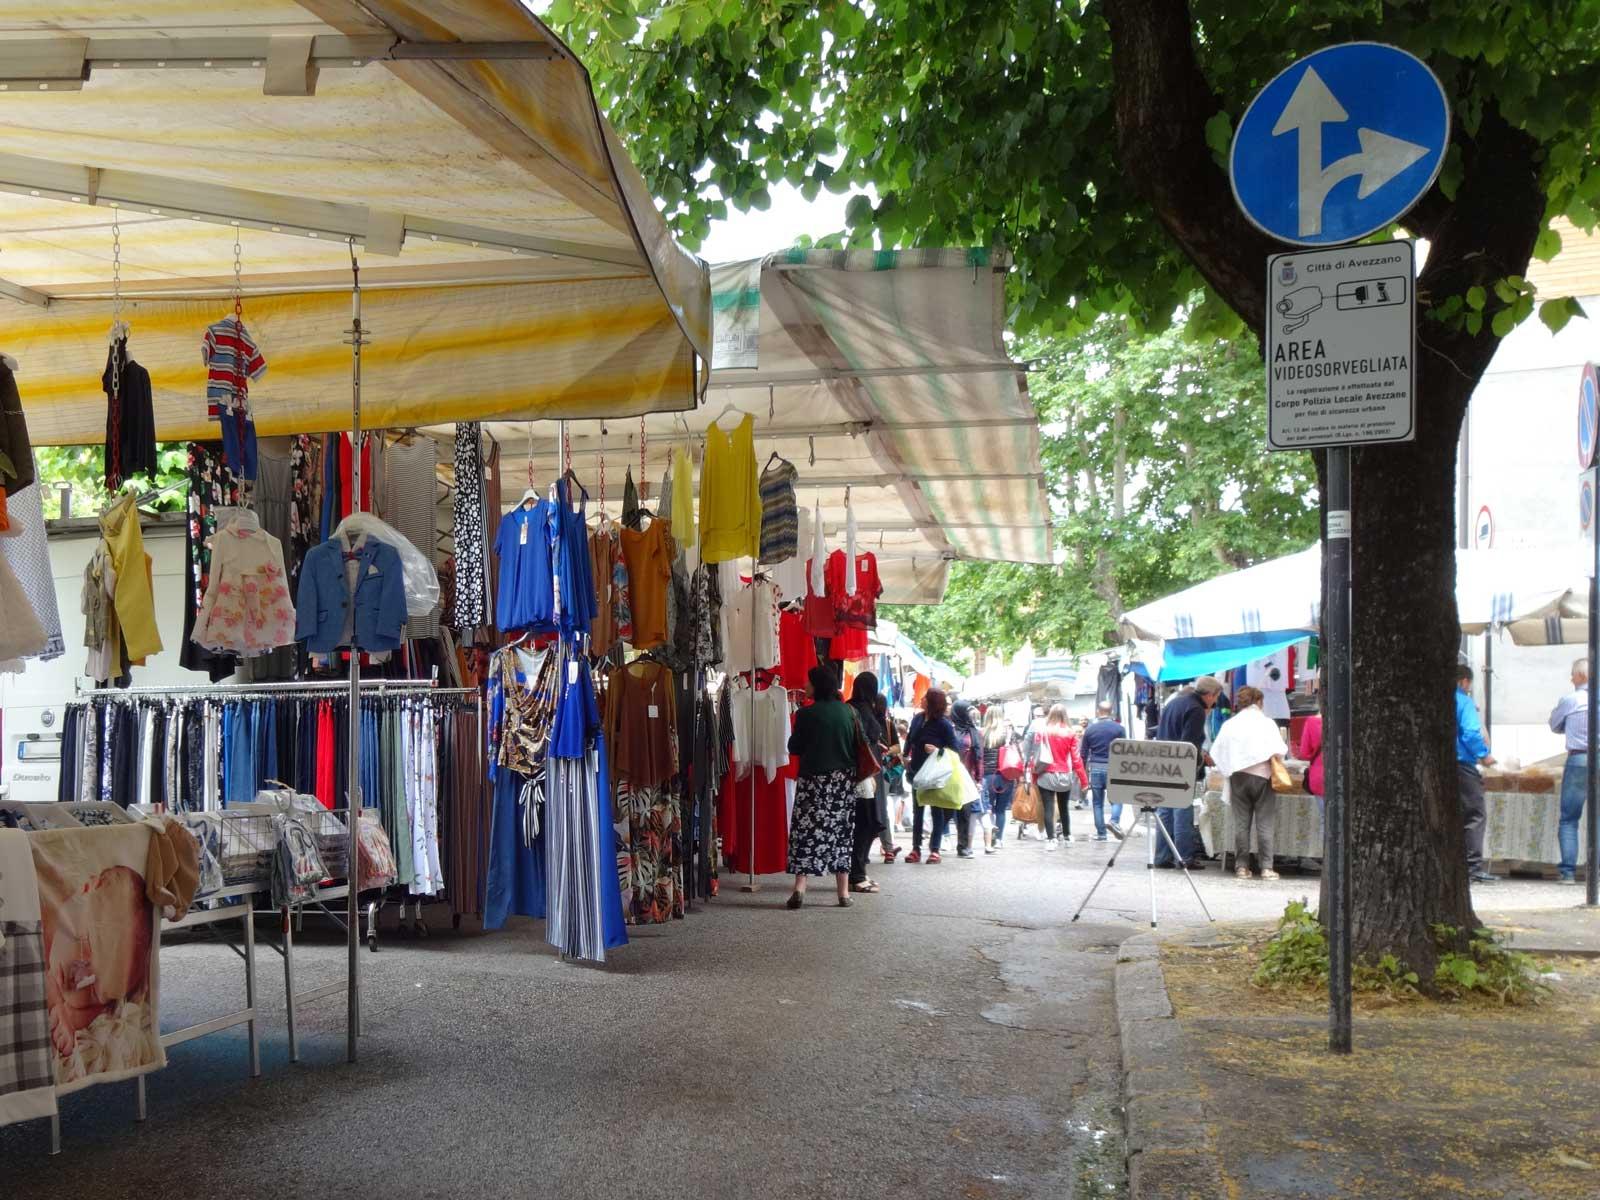 Le associazioni Fivaconfcommercio, Cidec, Confesercenti ringraziano il comune di Avezzano per la riapertura dei mercati cittadini